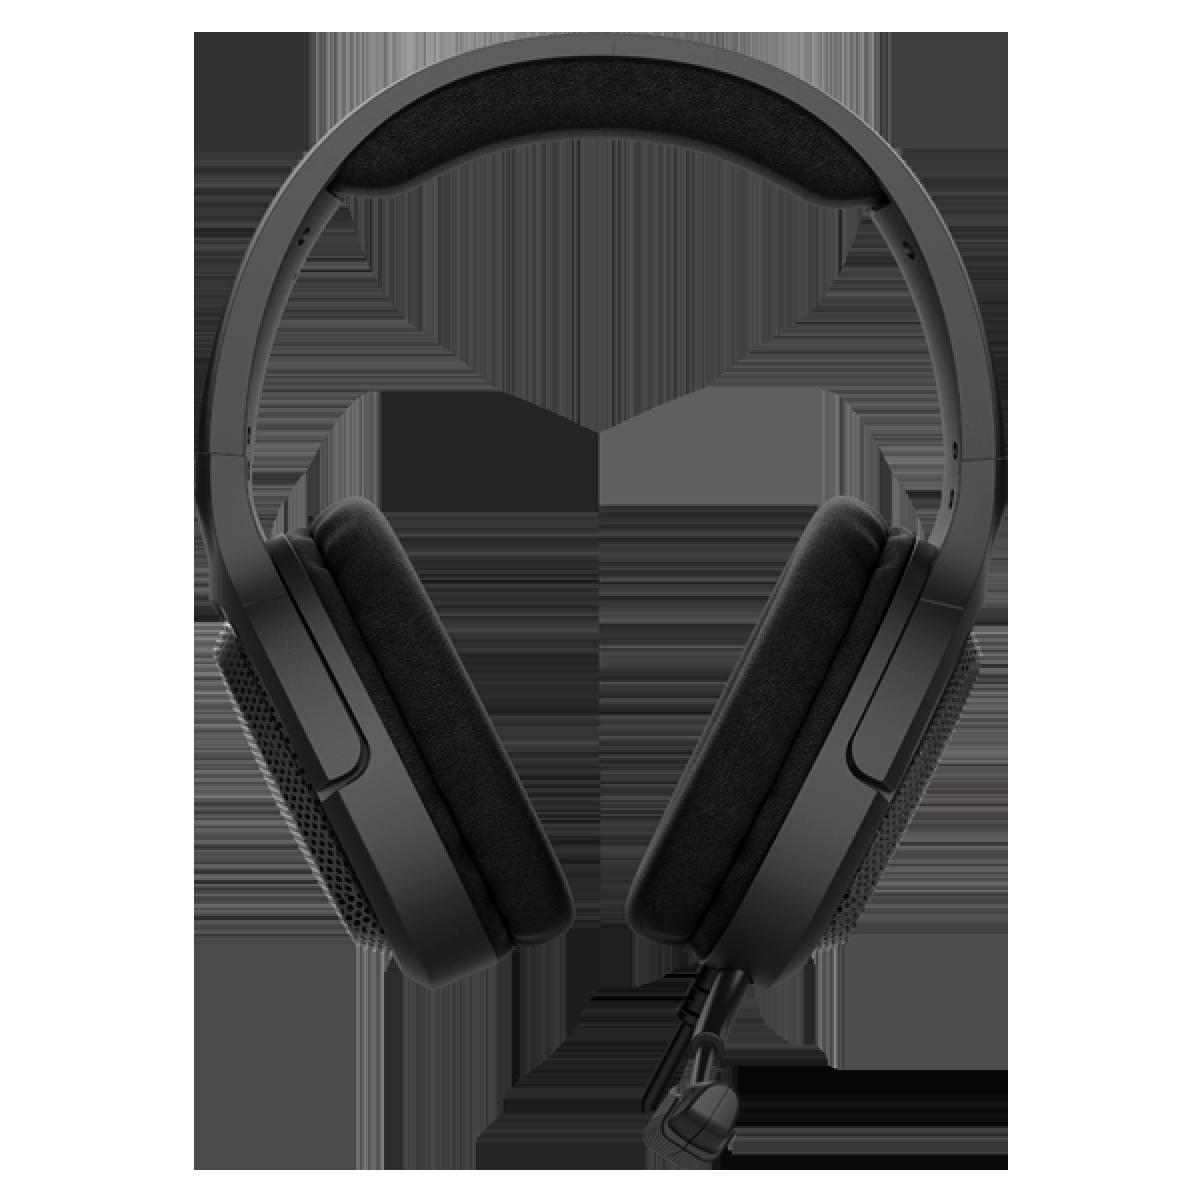 Headset Gamer Fantech Vibe, 3.5mm + USB, Black, LED Red, MH85